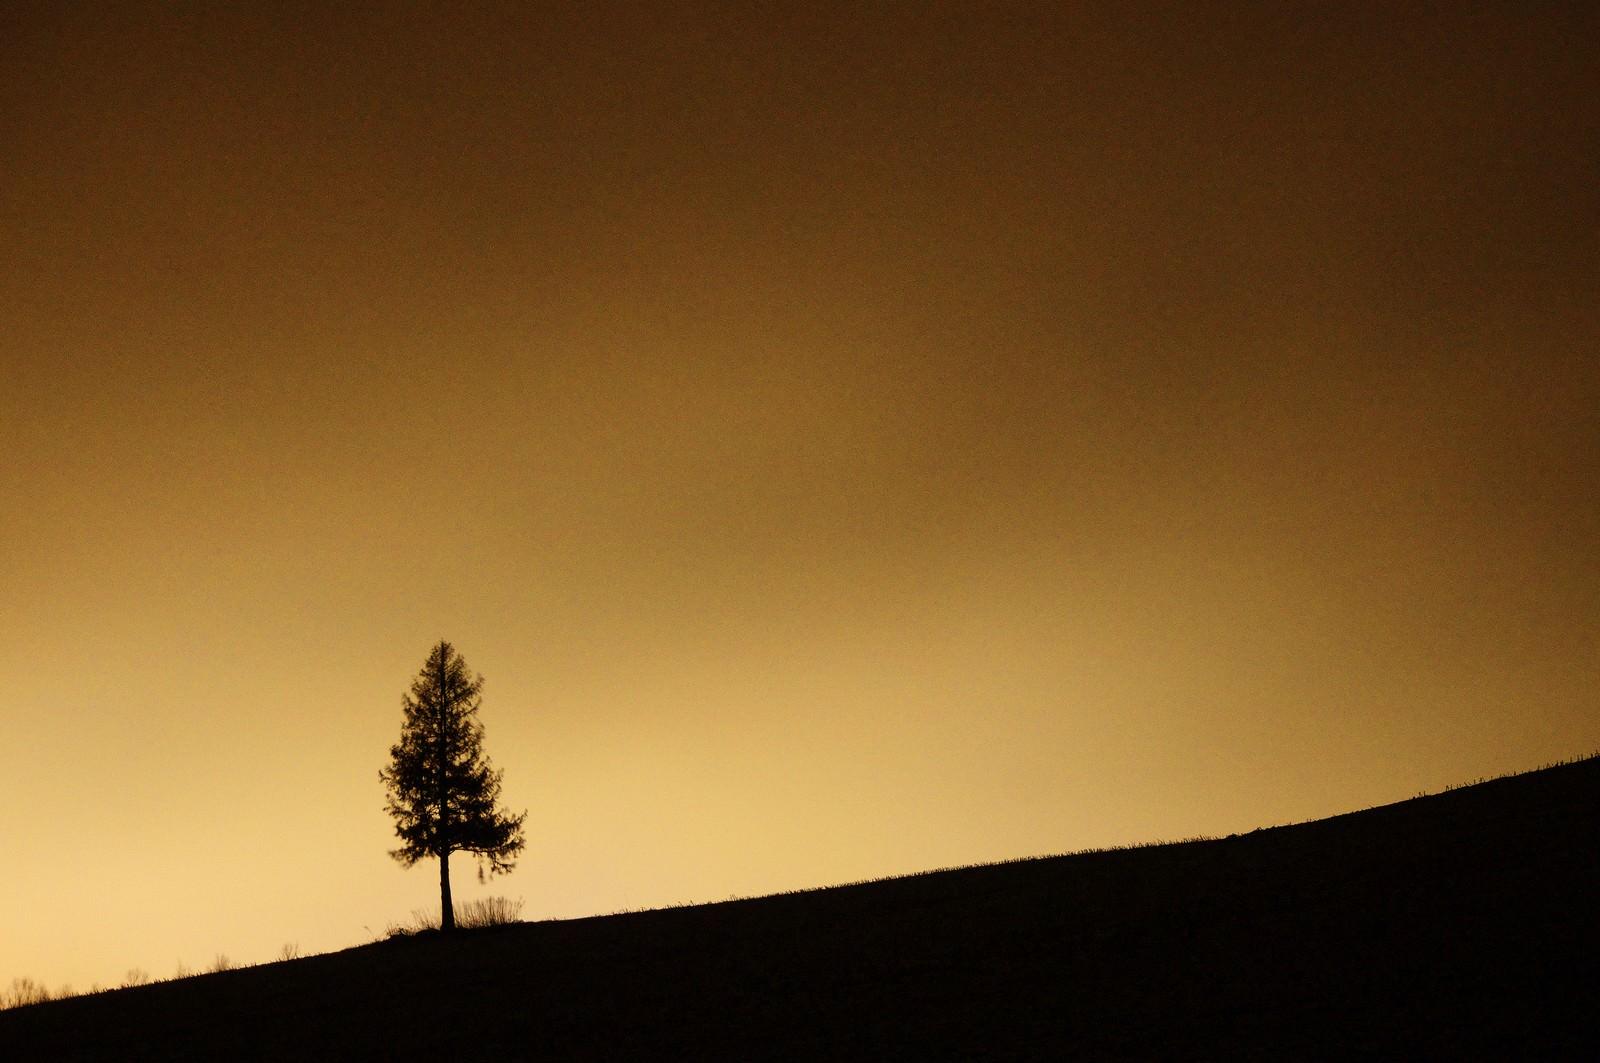 「夕暮れのグラデーションと美瑛の丘夕暮れのグラデーションと美瑛の丘」のフリー写真素材を拡大